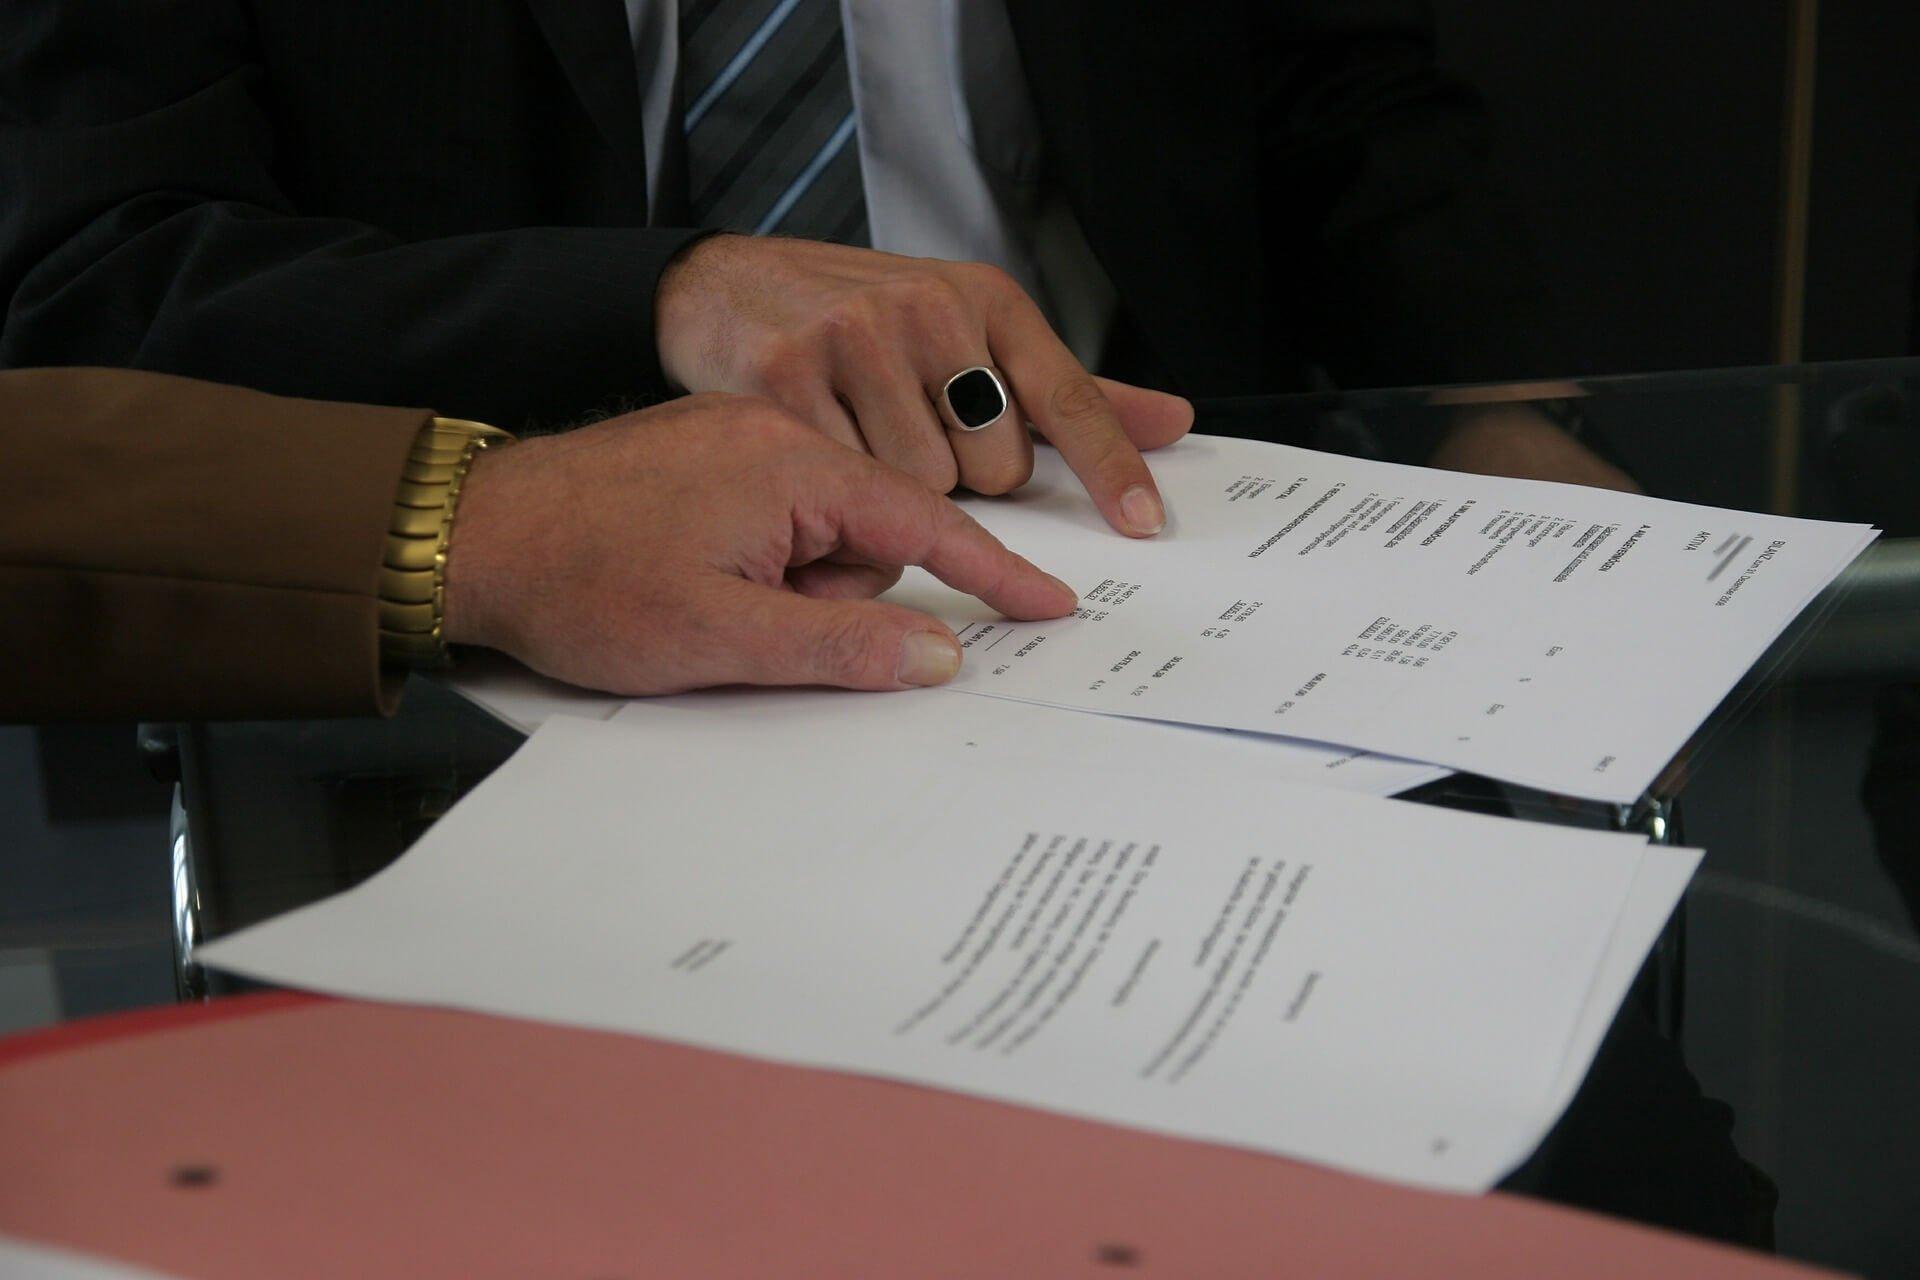 El contrato de locación en el Nuevo Código Civil y Comercial: Resolución anticipada por parte del locatario